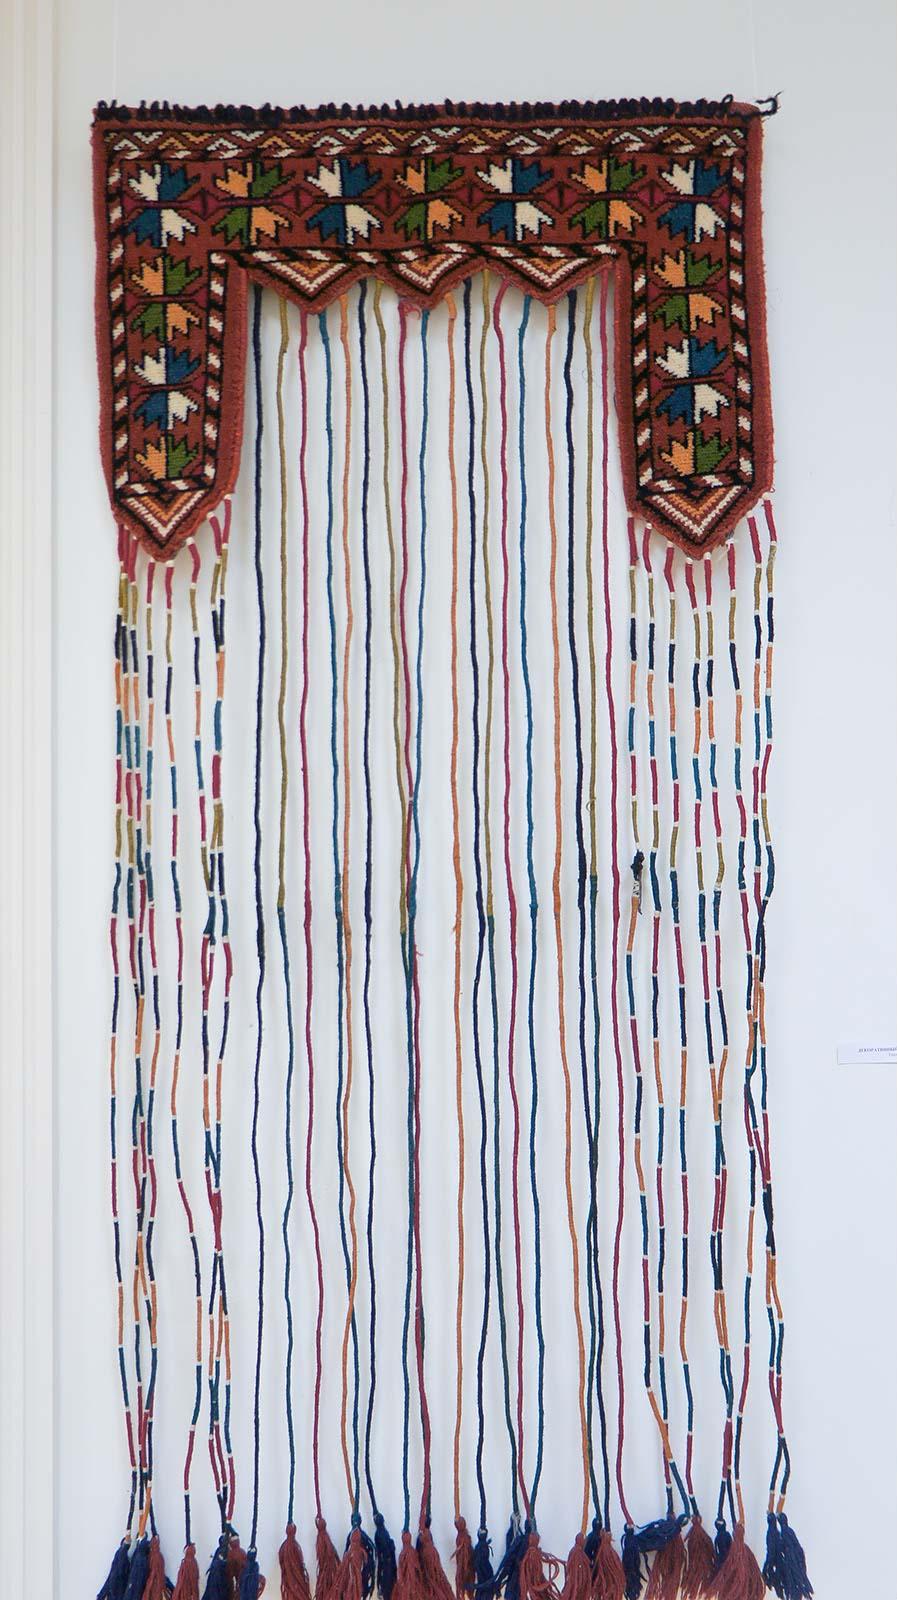 Фото №92076. Декоративный ковер на окно. Ткачество